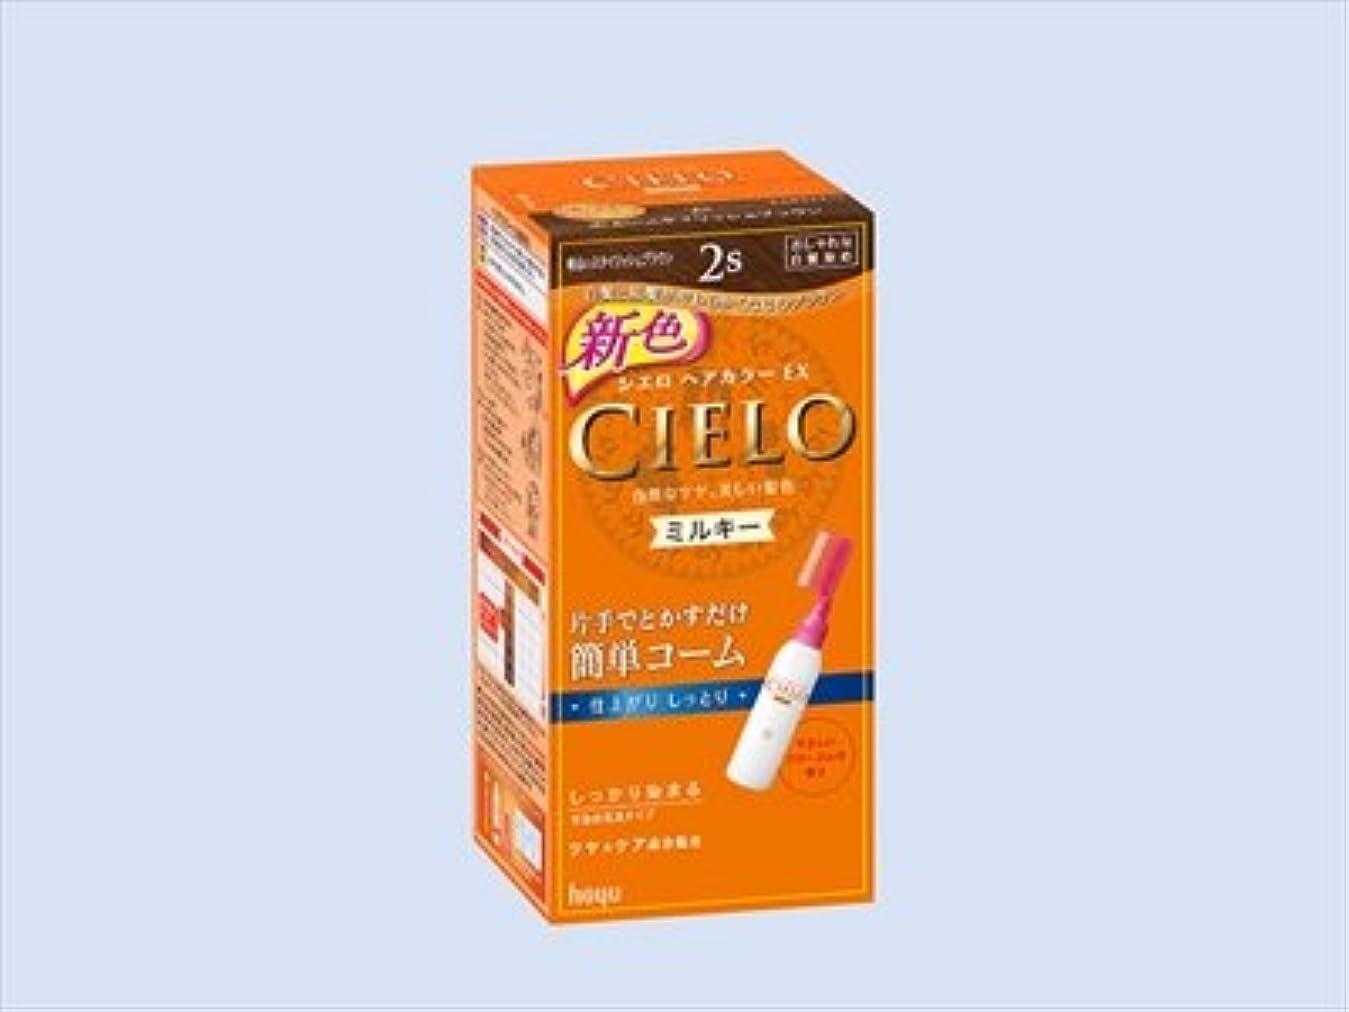 必要ぼかす計算するシエロ ヘアカラー EX ミルキー 2S 明るいスタイリッシュブラウン × 27個セット